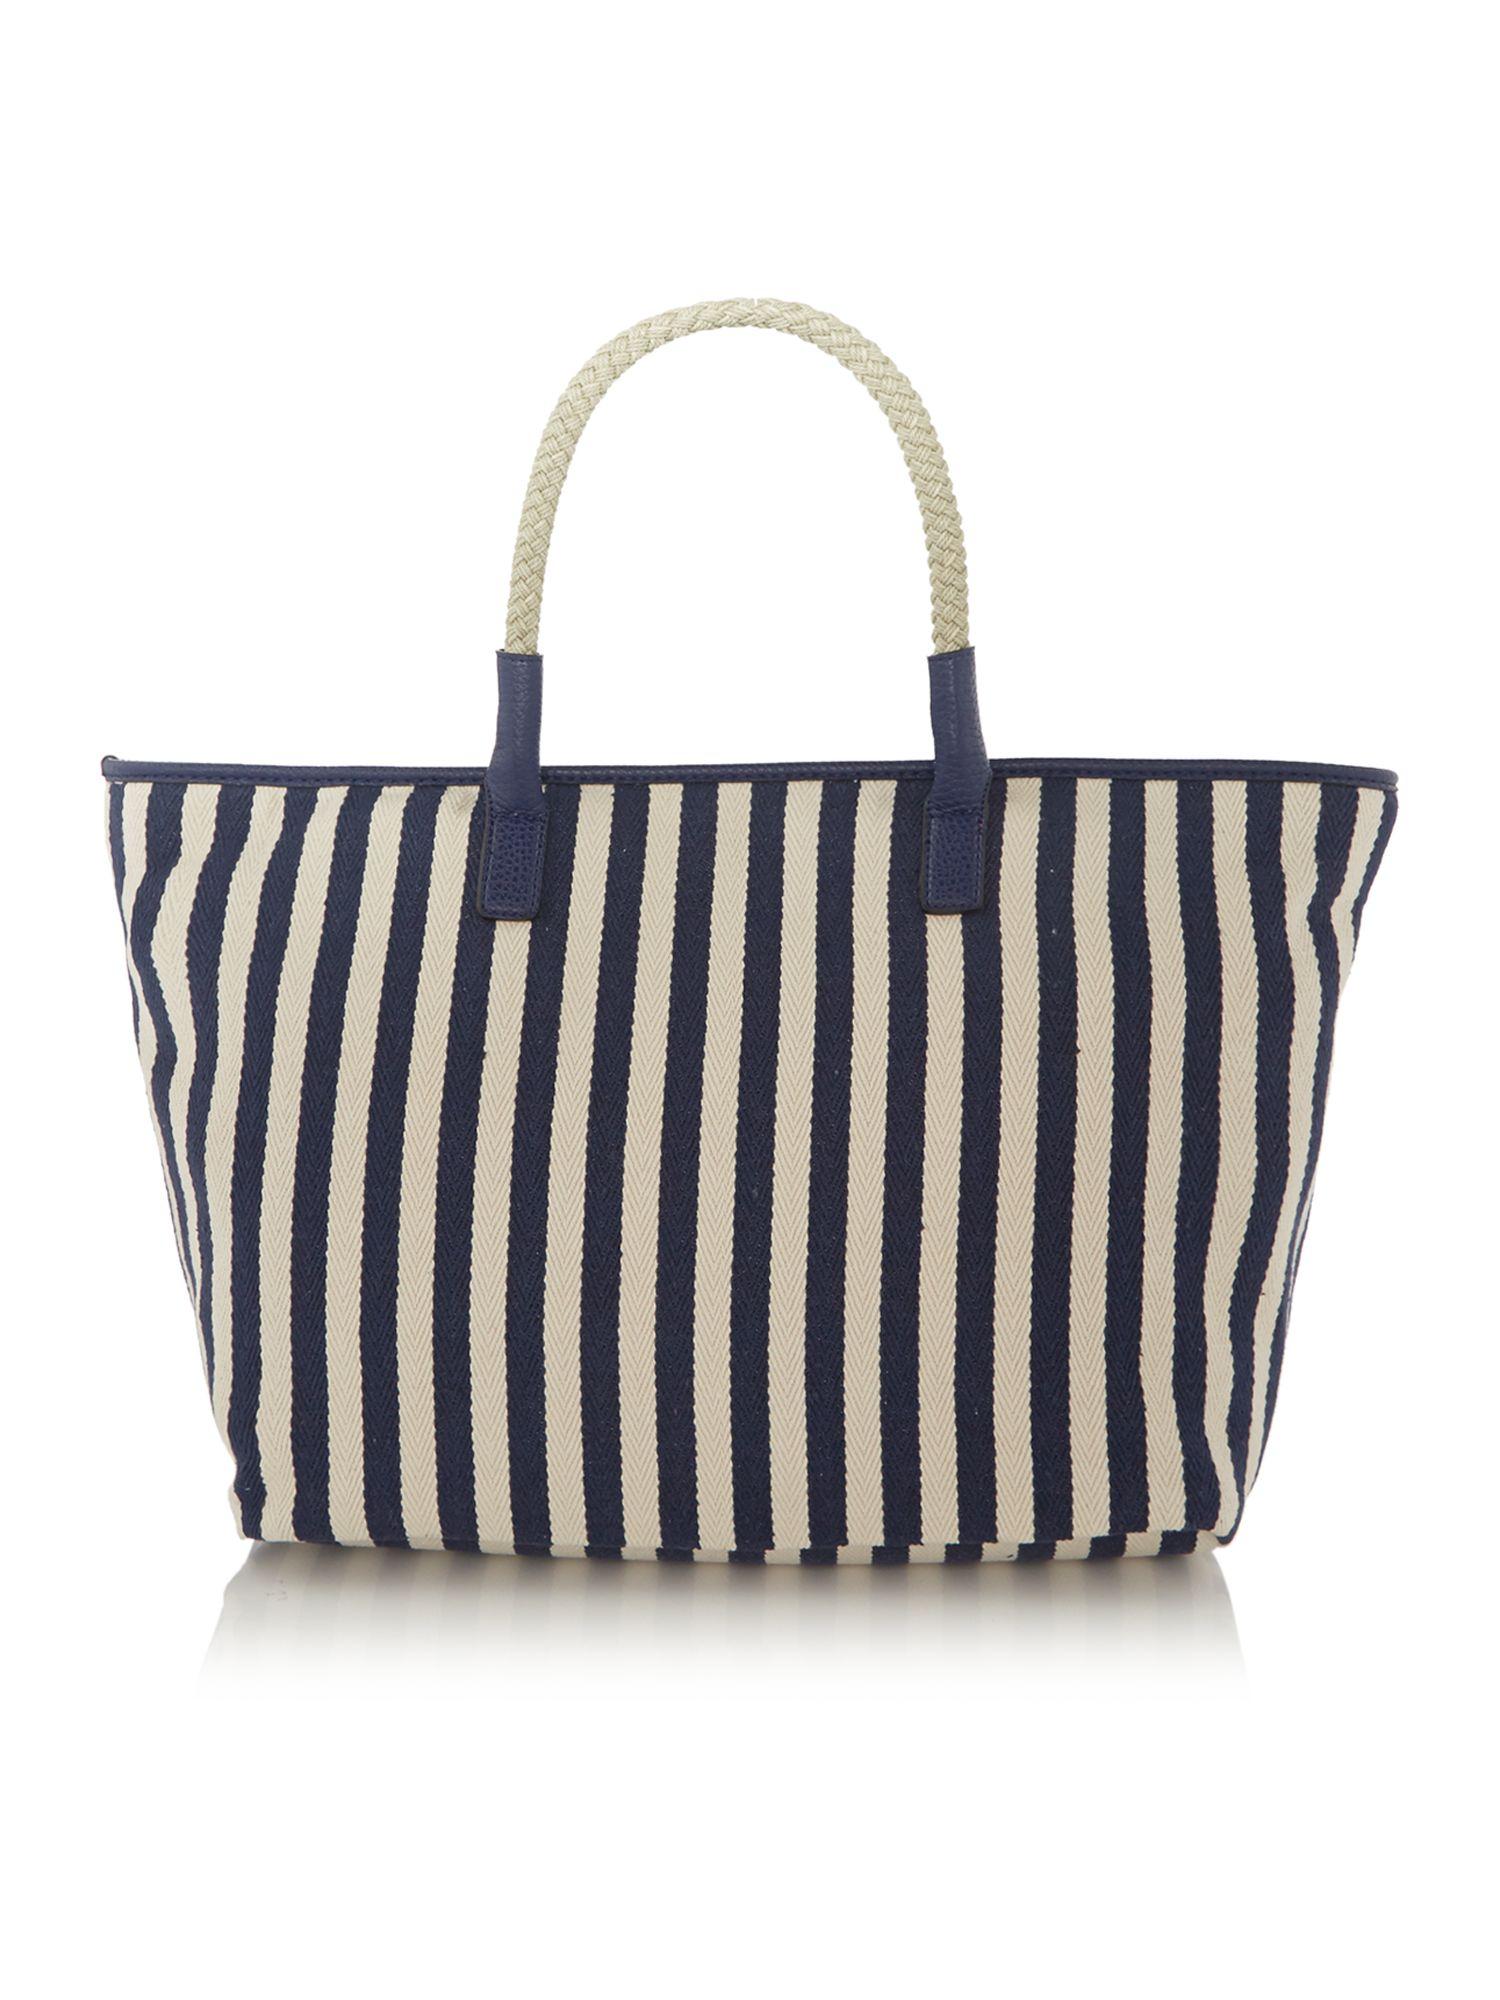 Nica Luka Navy Stripe Tote Bag in Blue